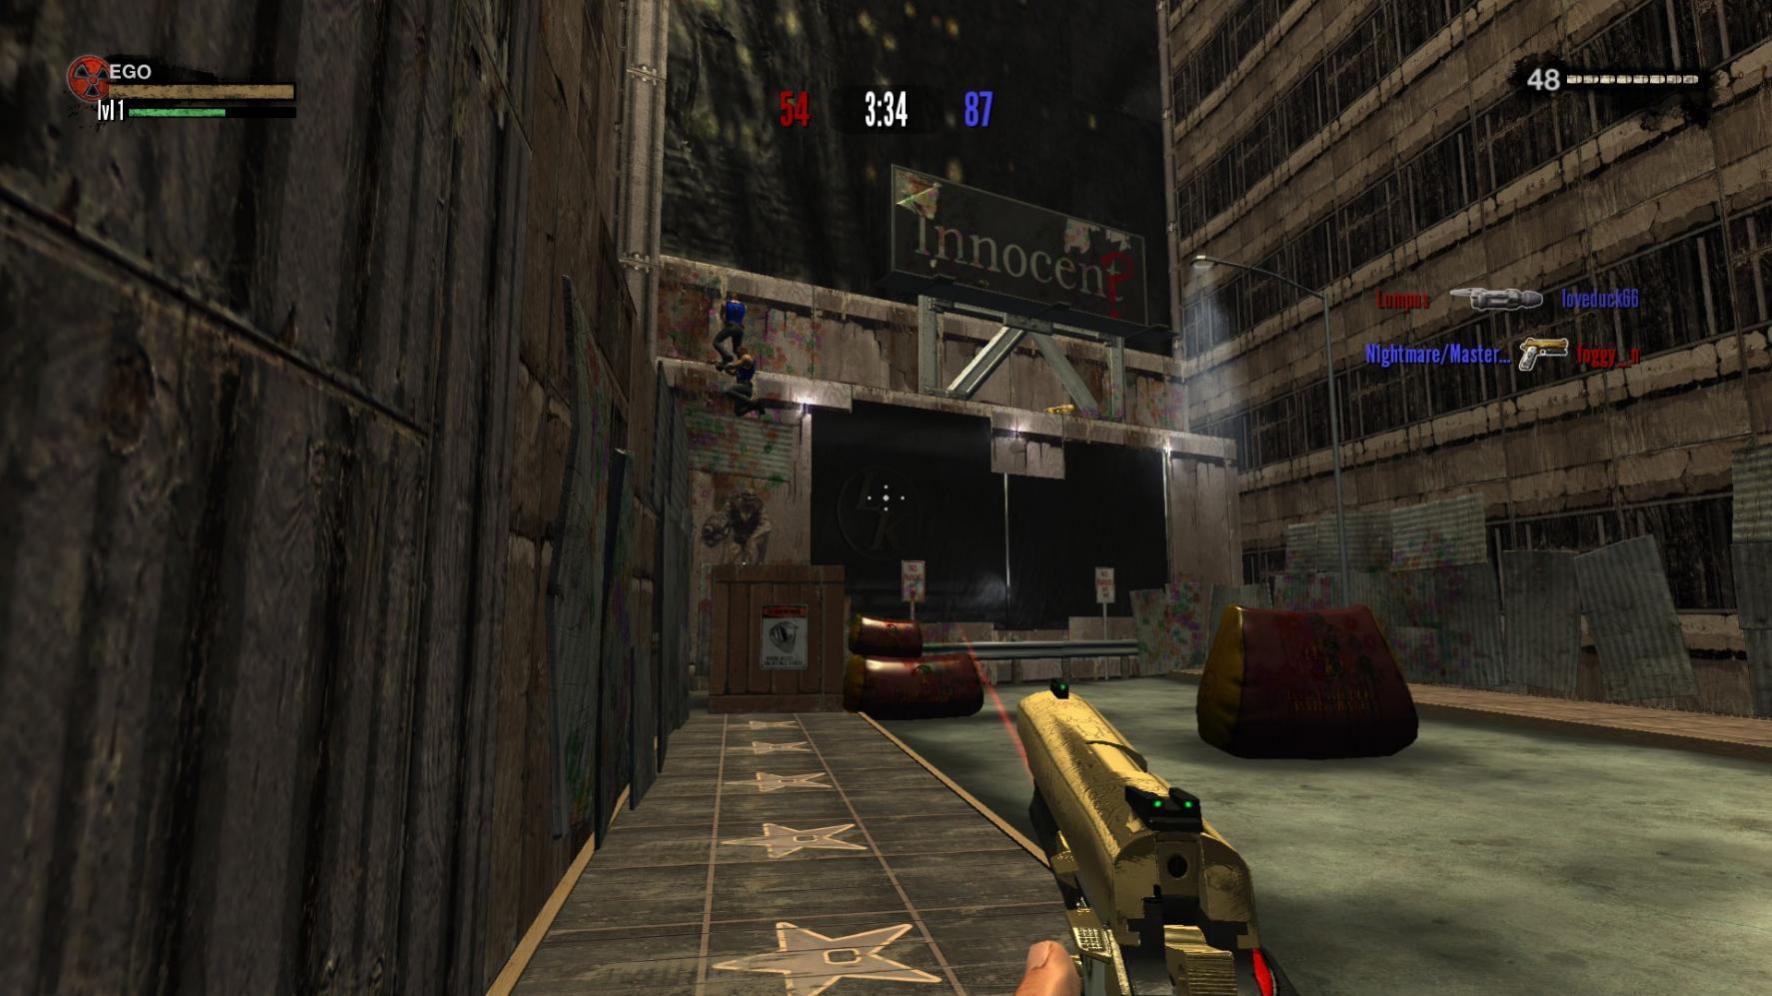 Duke Nukem 3D - GameSpot